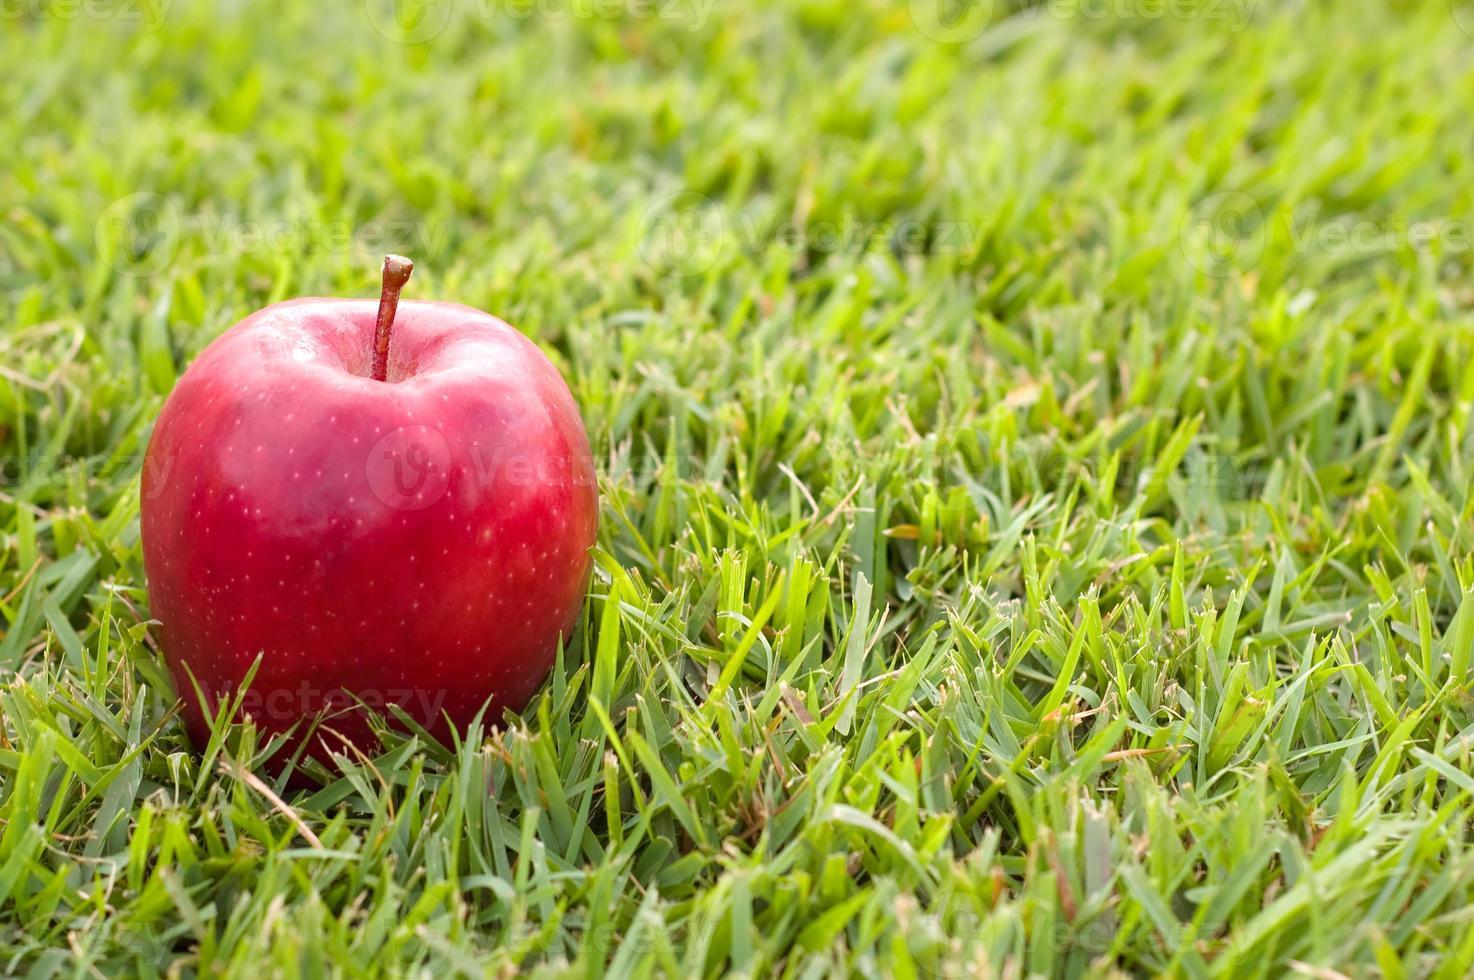 maçã vermelha na grama foto